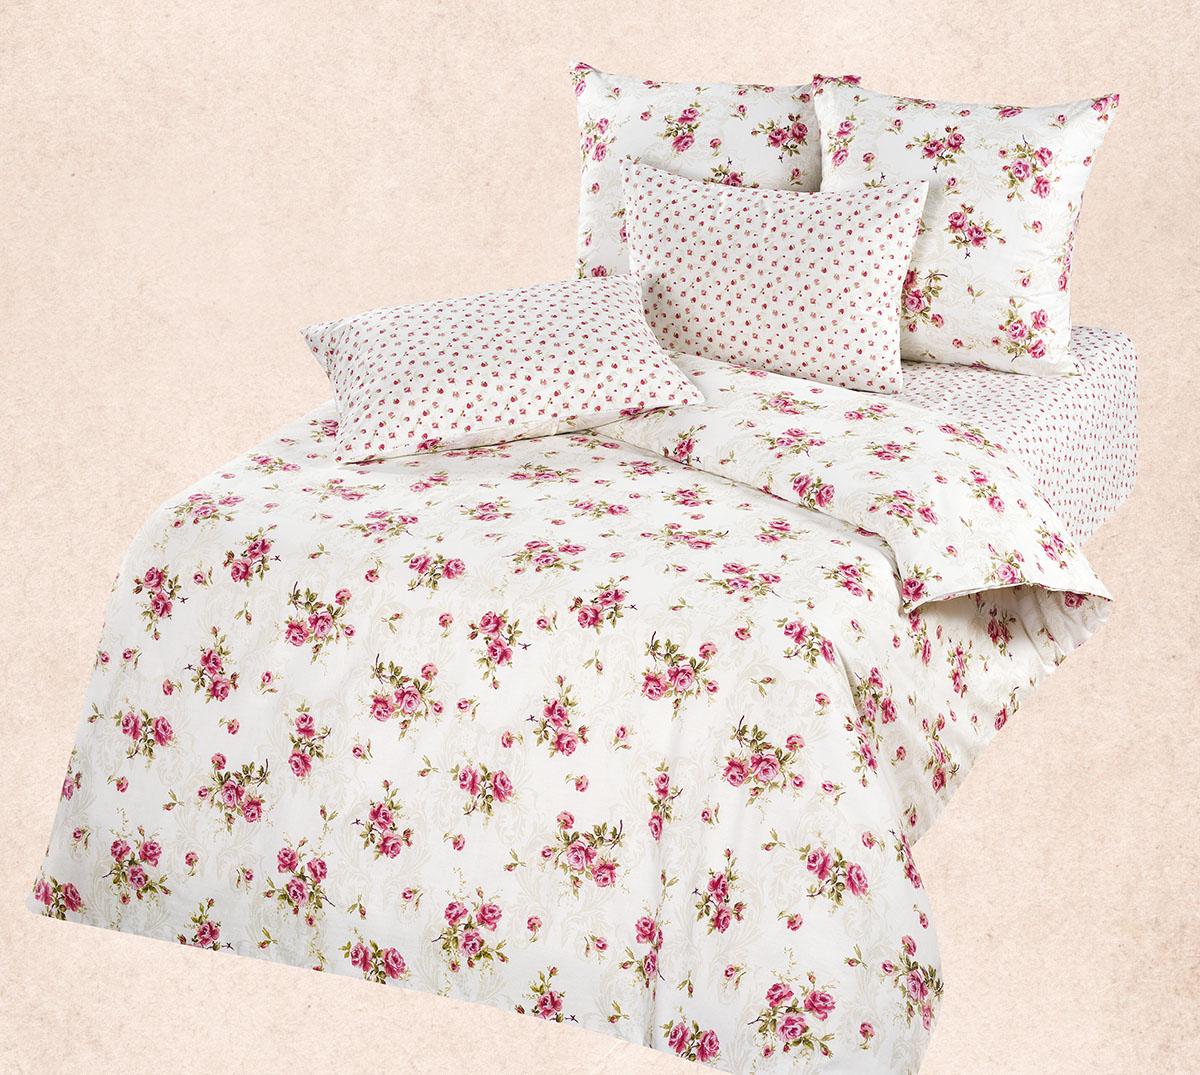 Комплект Грация, размер 2,0-спальный с европростыней комплект жасмина размер 2 0 спальный с европростыней